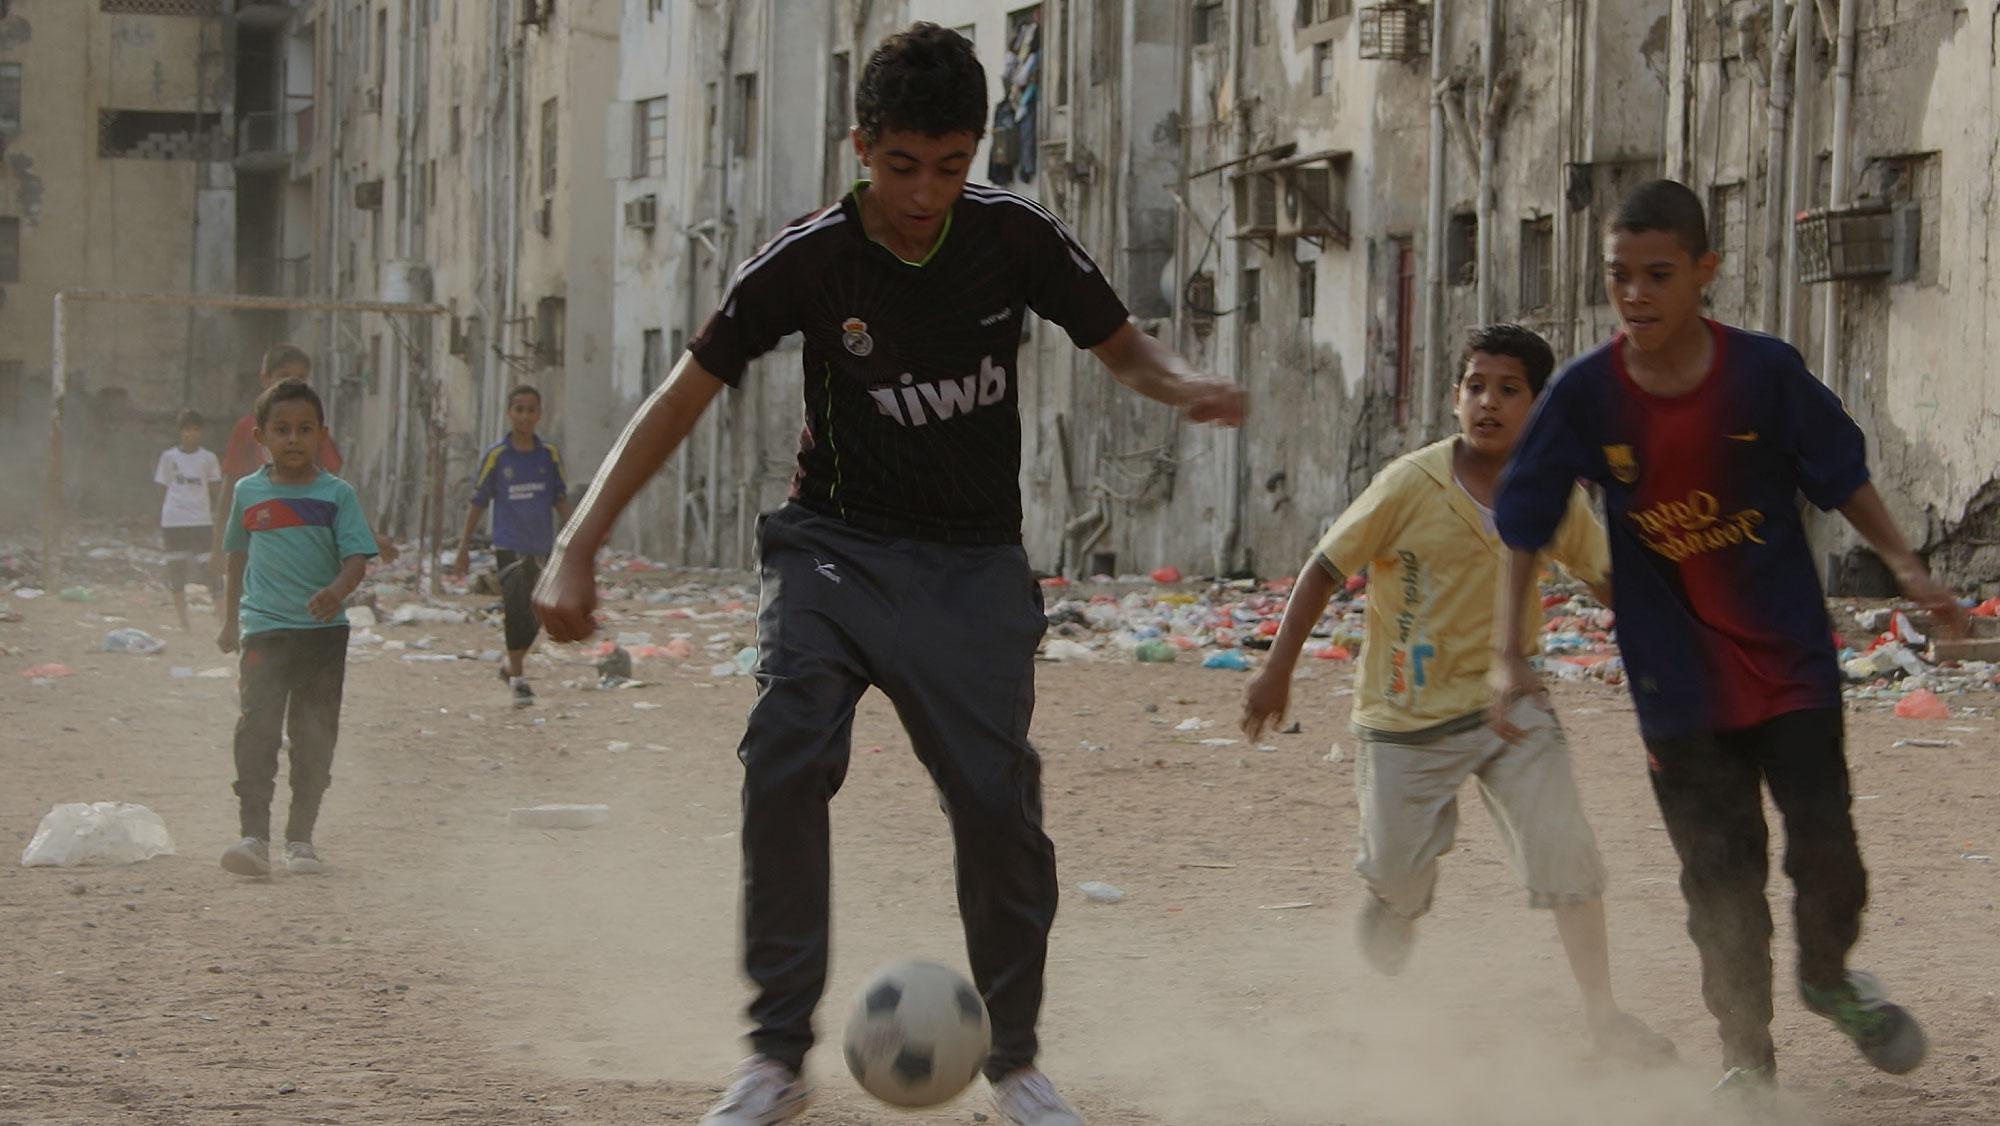 ¡Juega con nosotros este Mundial, ayúdales a ganar!